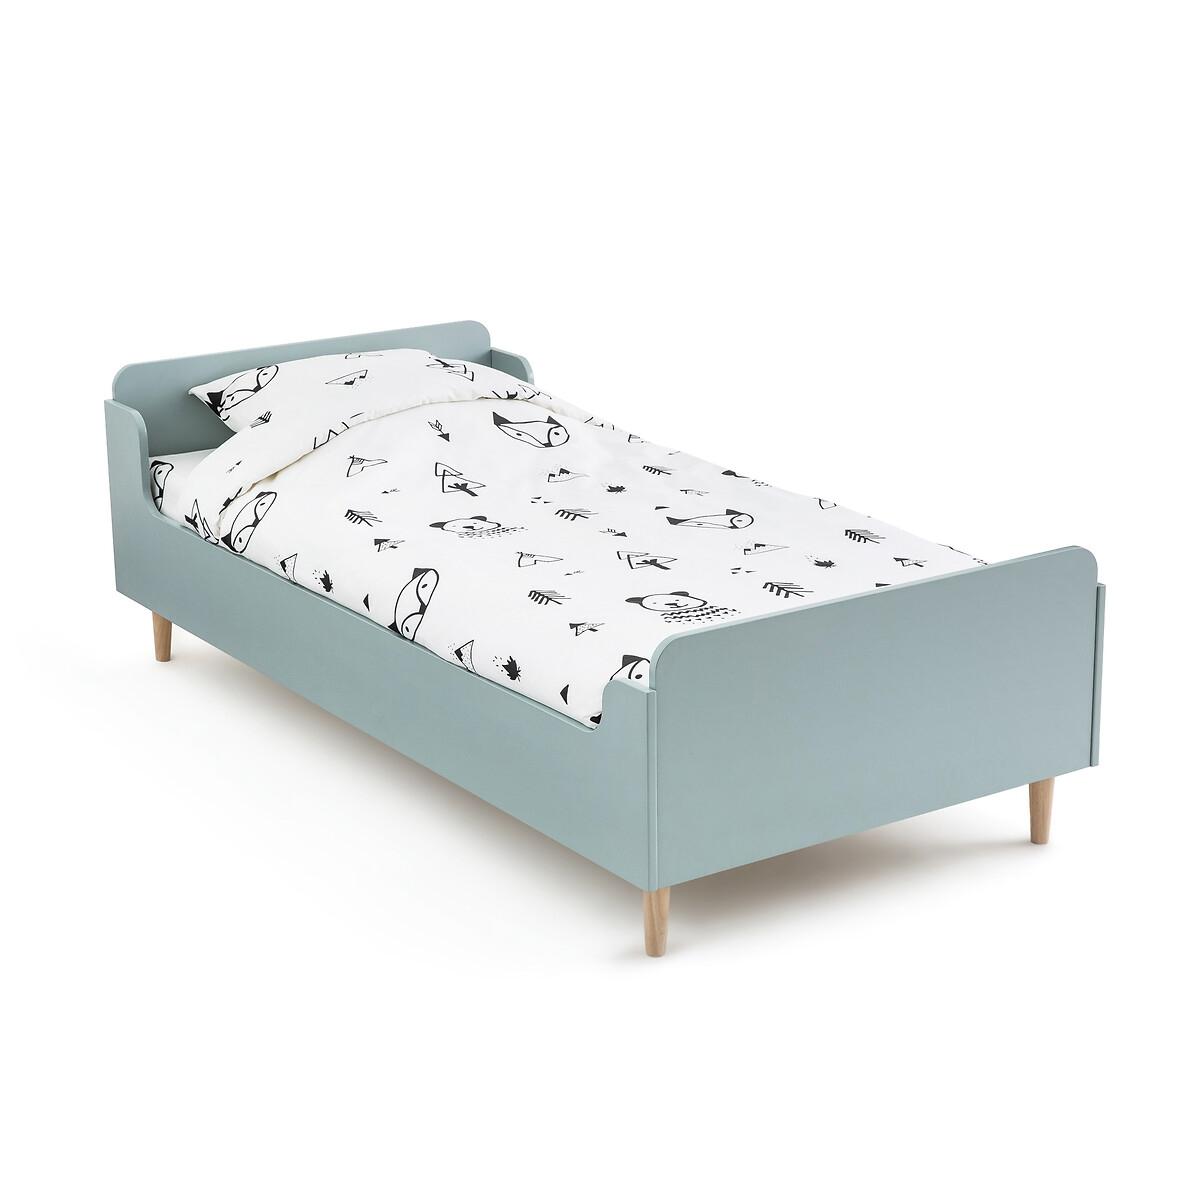 Кровать LaRedoute Детская с кроватным основанием Darian 90 x 190 см зеленый кровать laredoute с ящиком отделениями для вещей и кроватным основанием yann 90 x 190 см белый